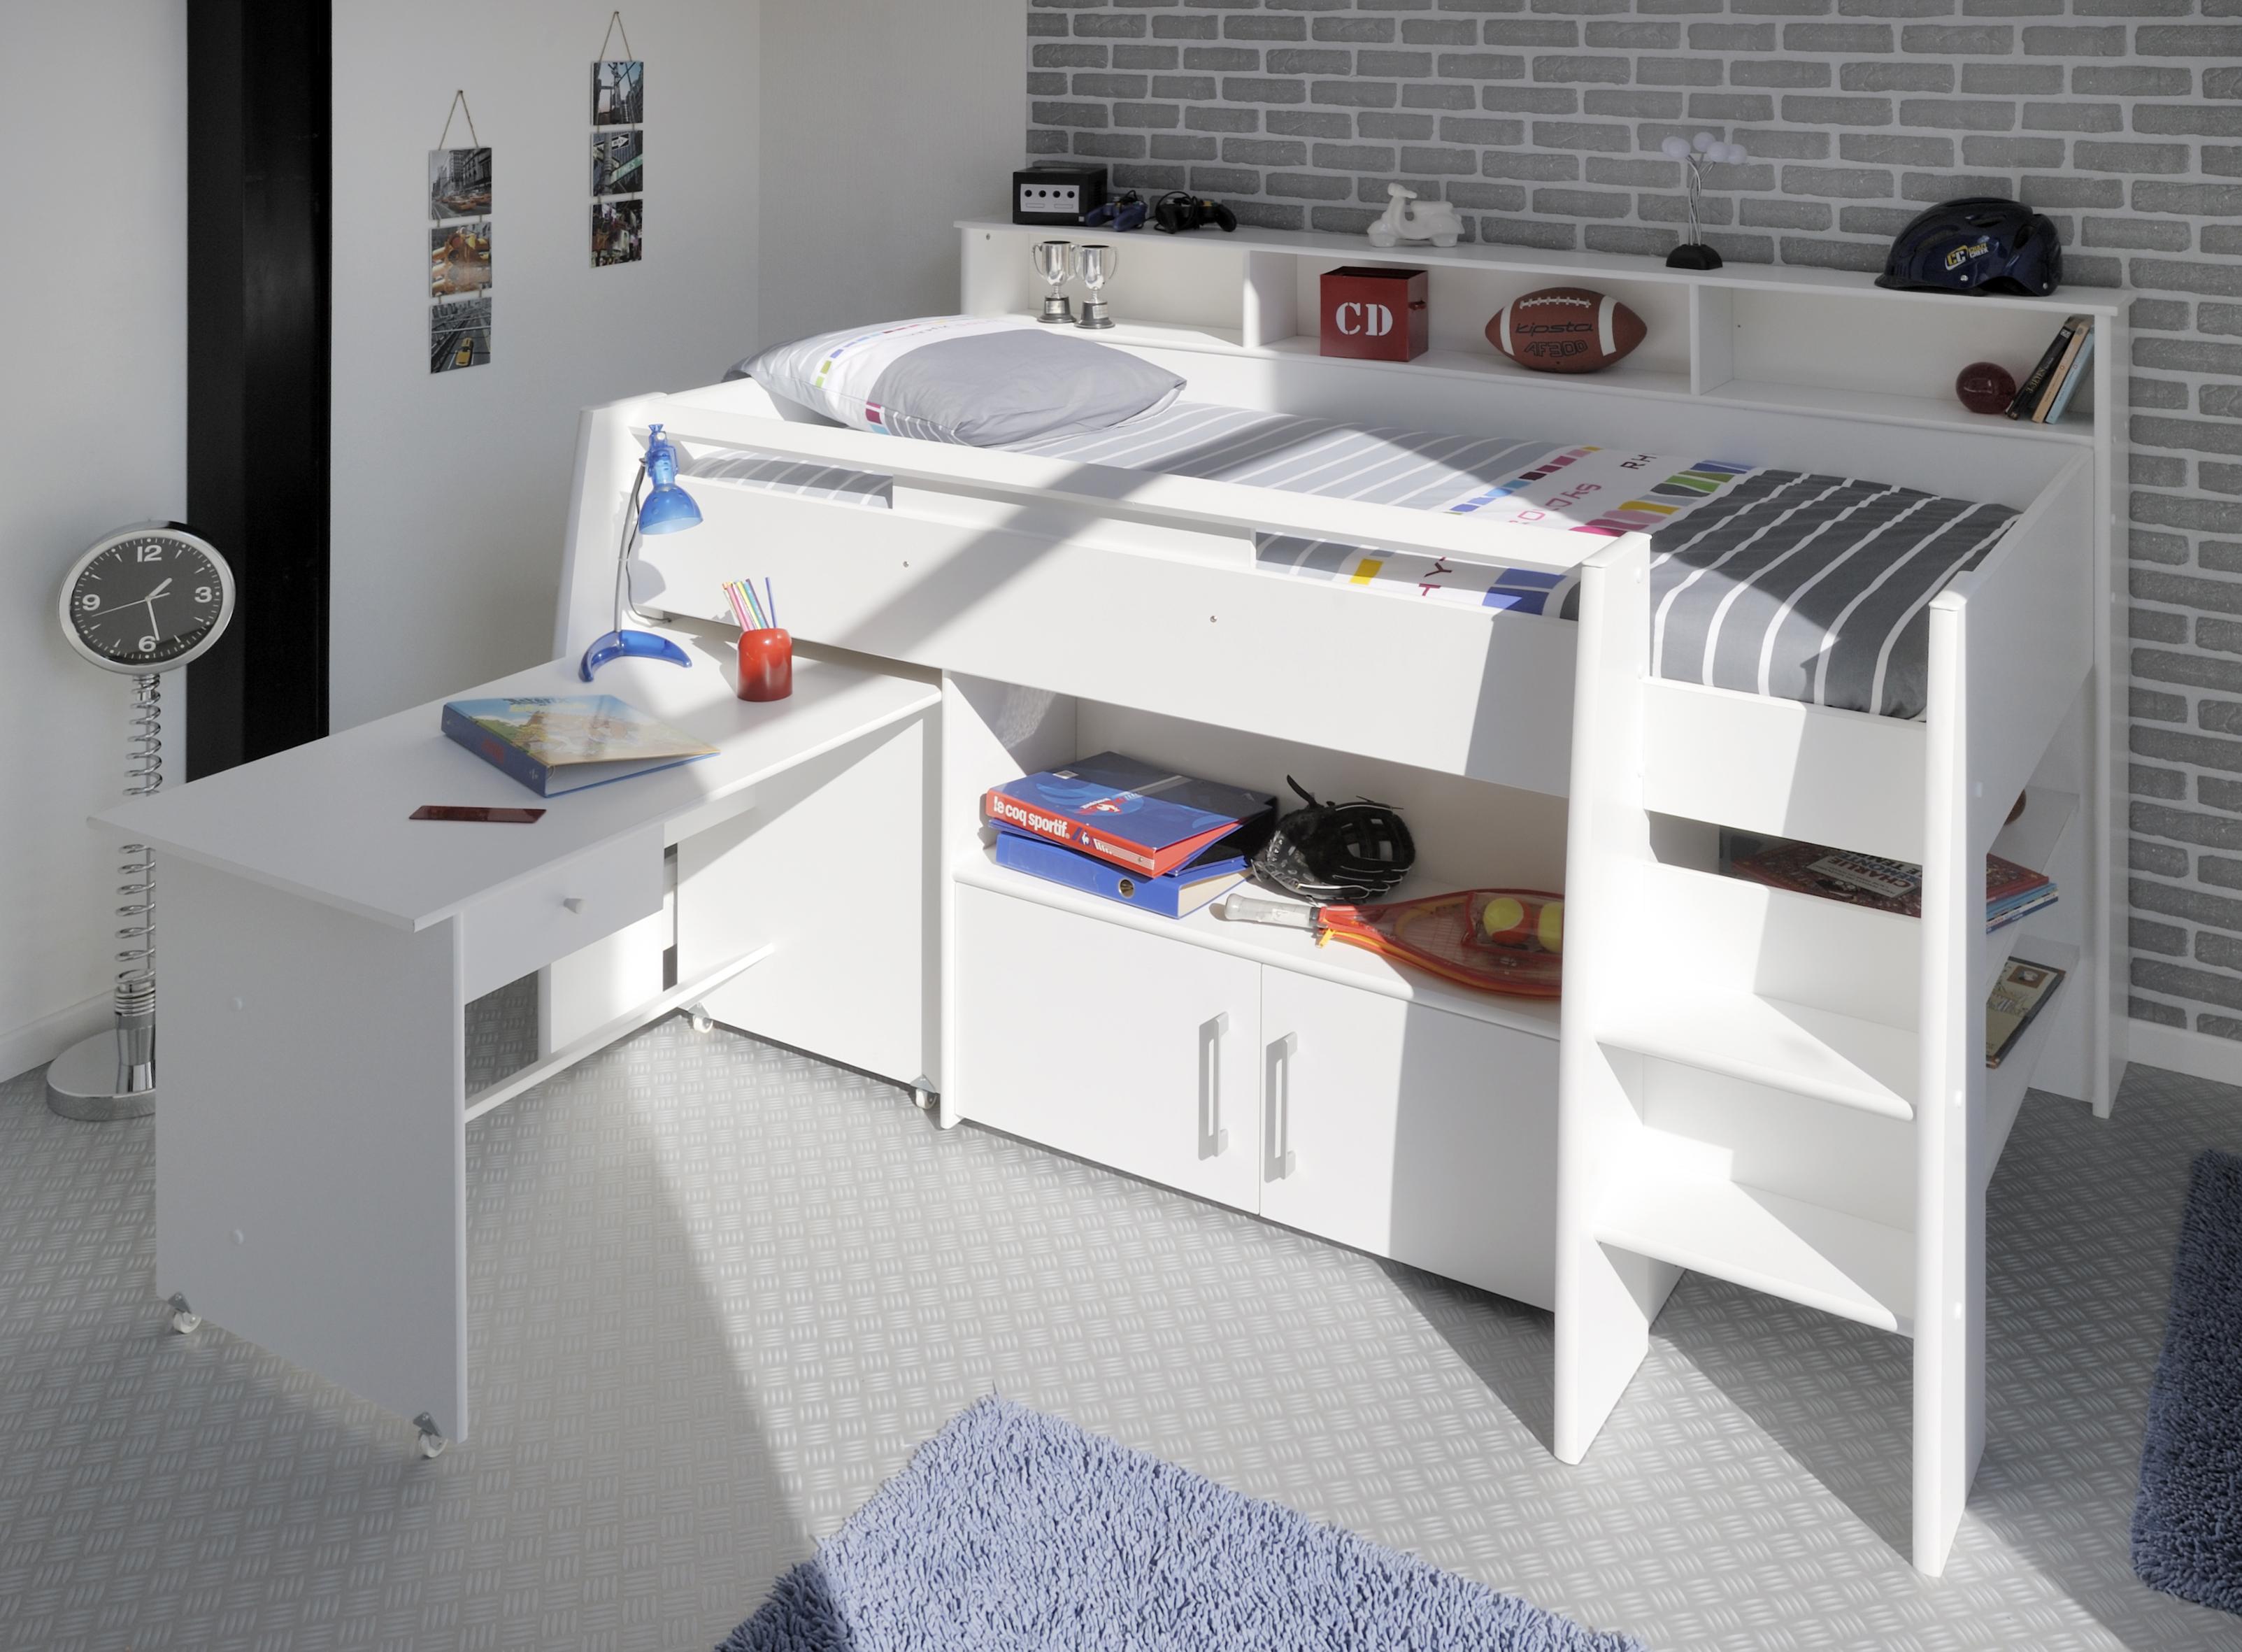 Etagenbett Bibop Parisot : Kinderzimmer bibop parisot weiß bett lattenrostplatten